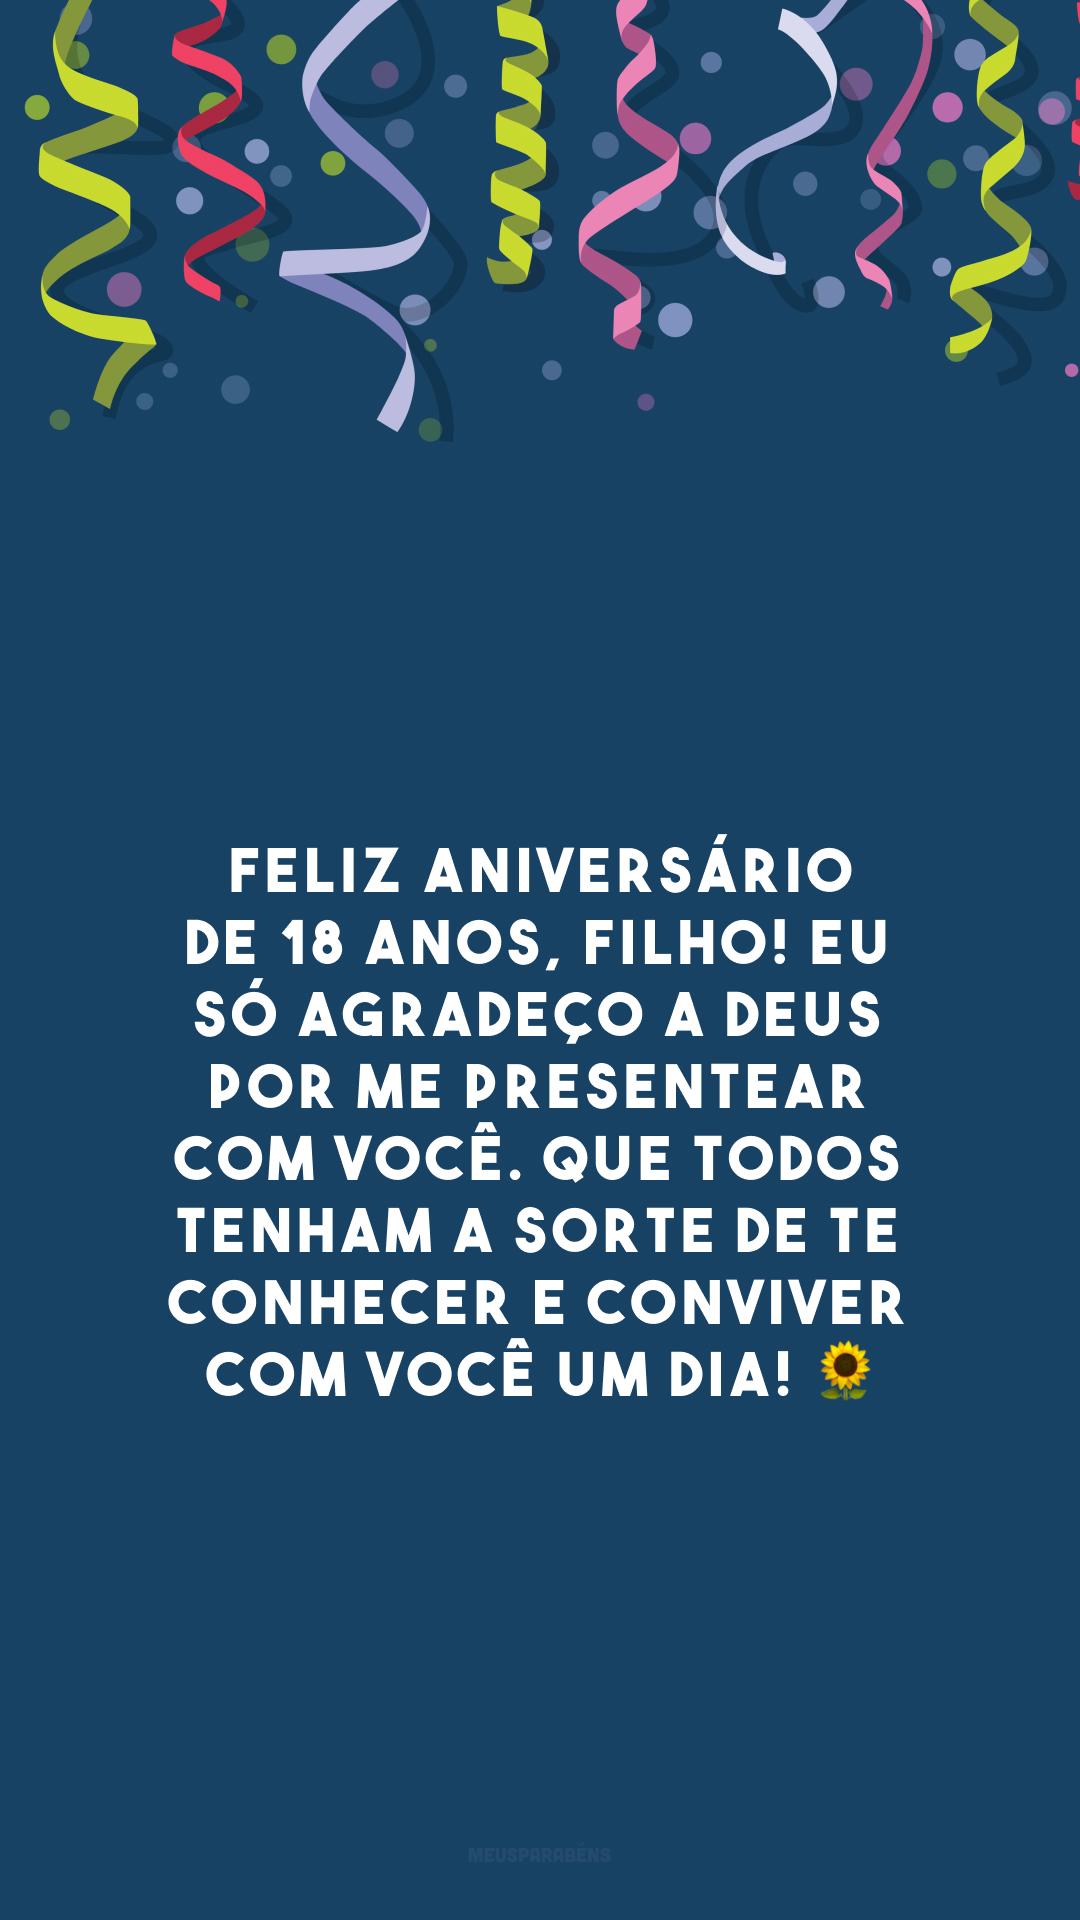 Feliz aniversário de 18 anos, filho! Eu só agradeço a Deus por me presentear com você. Que todos tenham a sorte de te conhecer e conviver com você um dia! 🌻